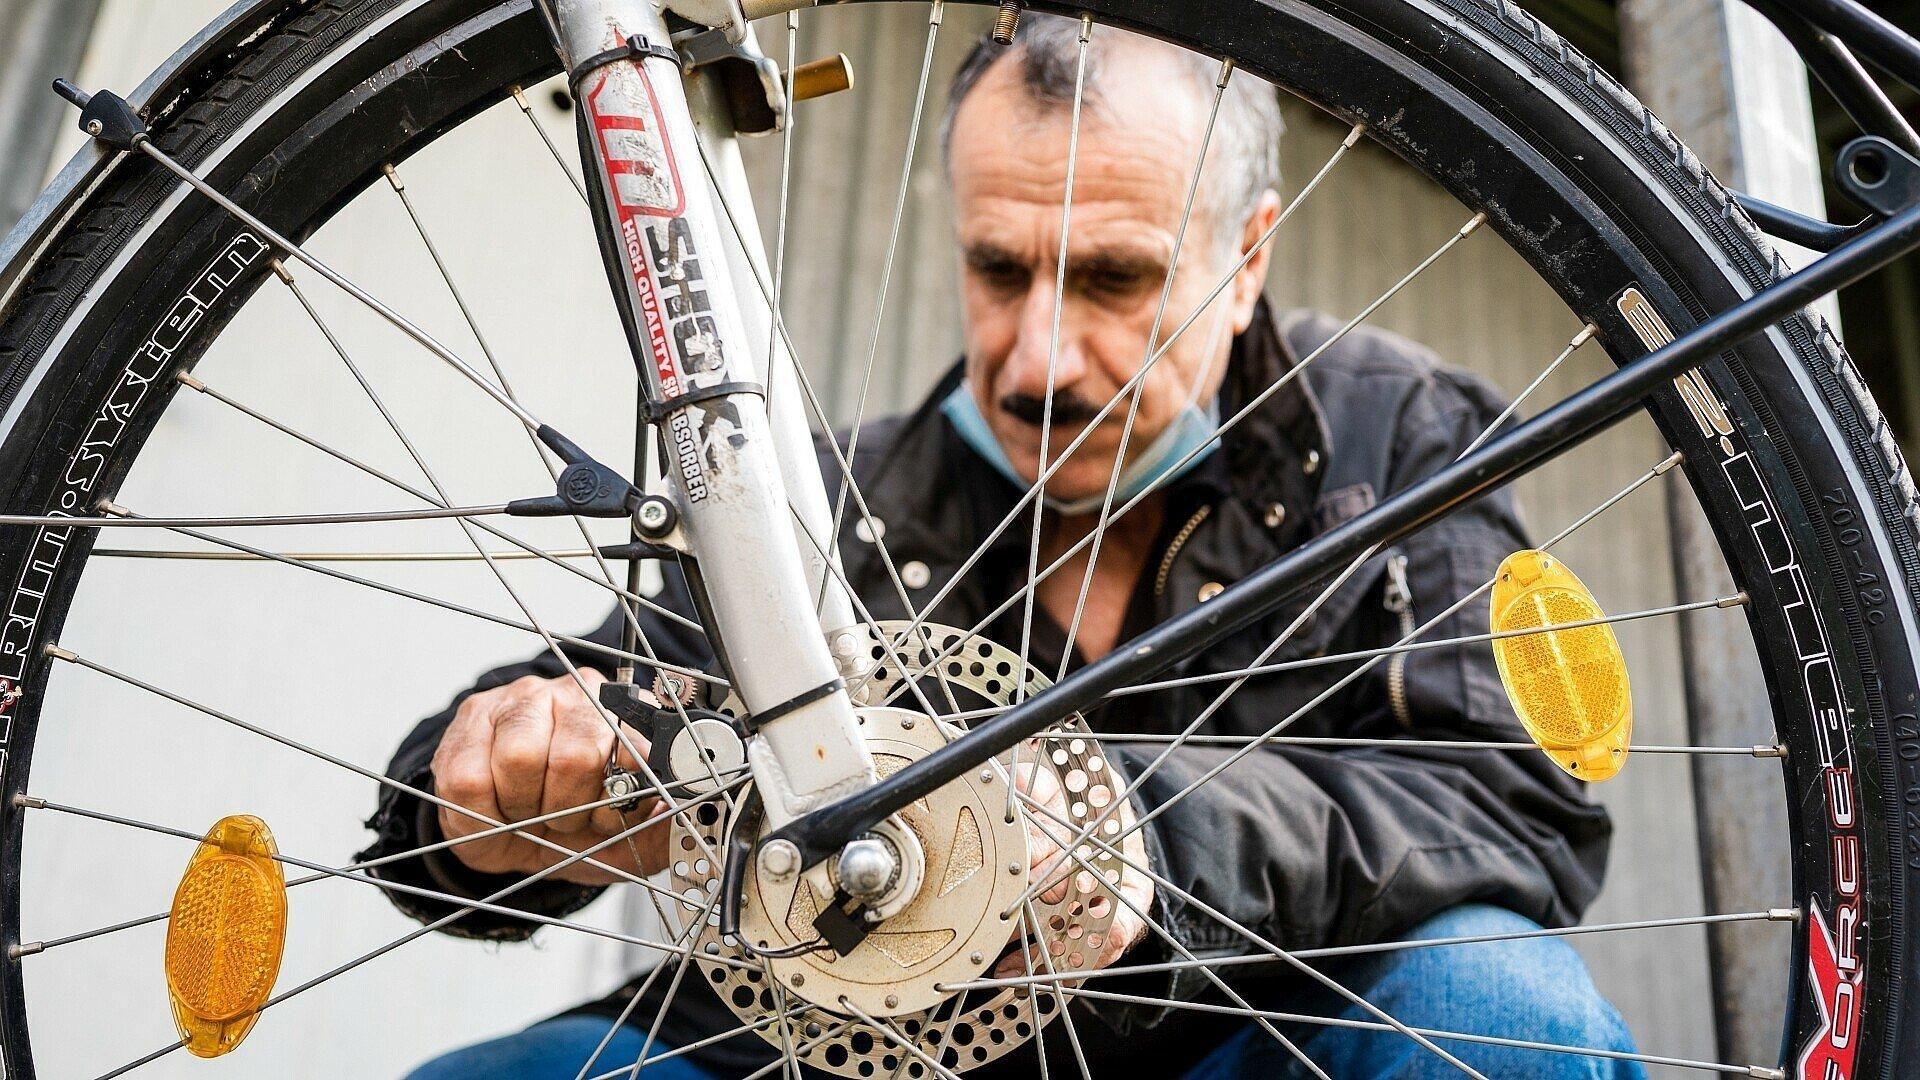 Dakhil schraubt an einem Vorderrad im Bickendorfer Fahrradbüdchen